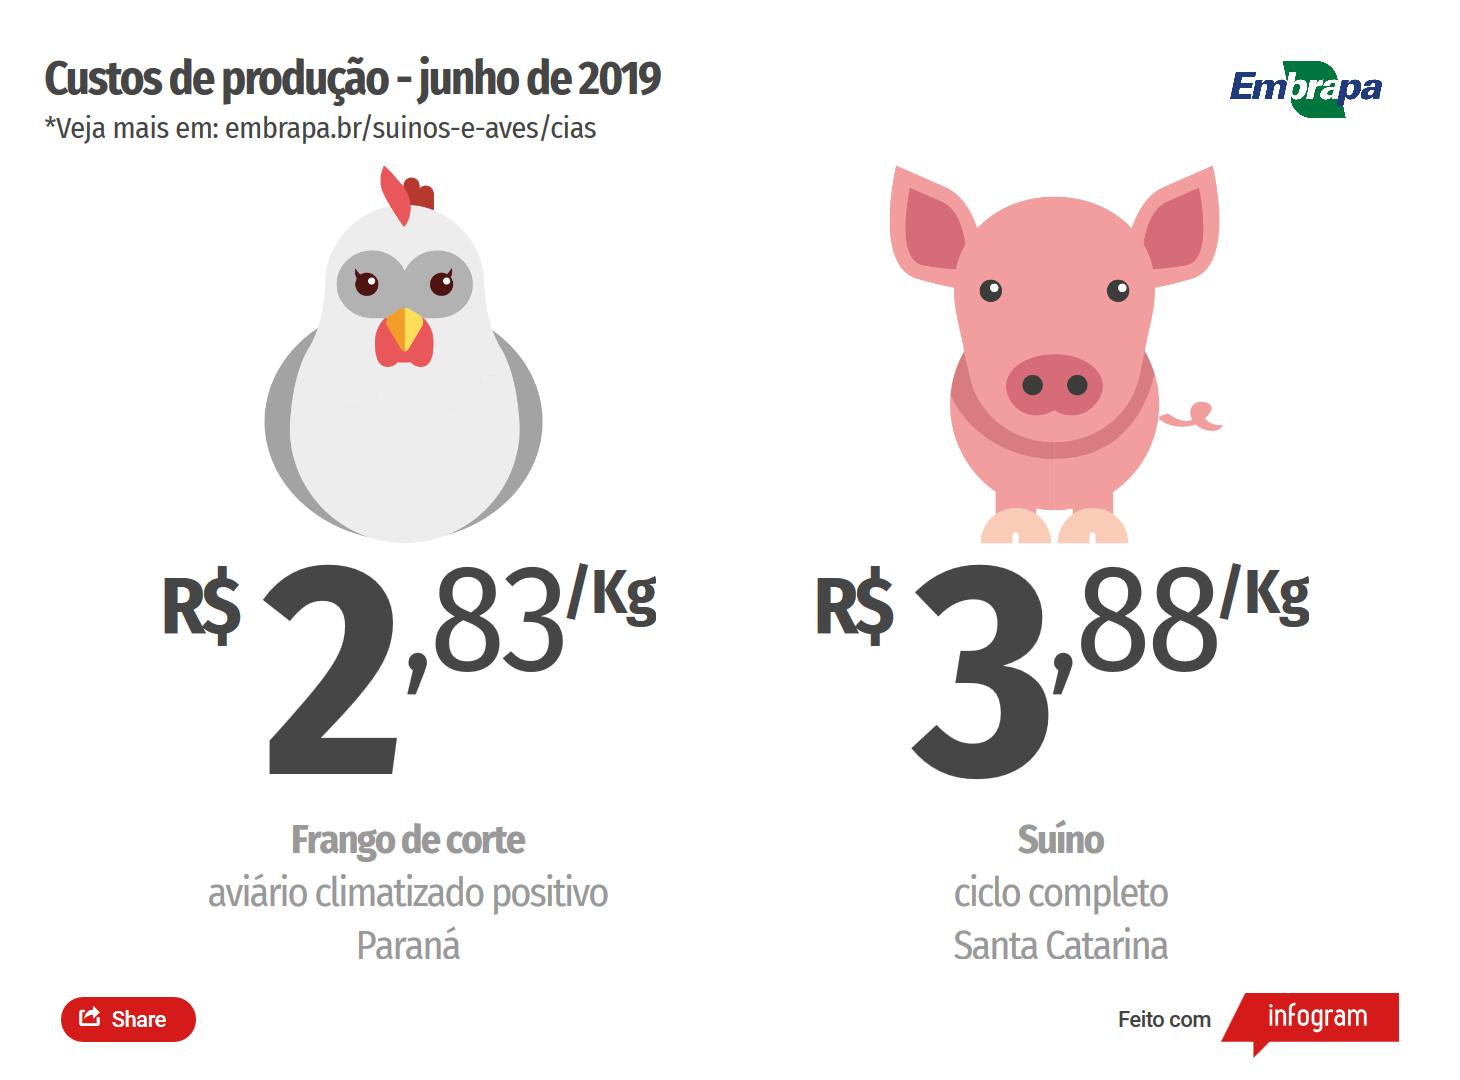 Custos de produção de suínos e de frangos de corte disparam em junho